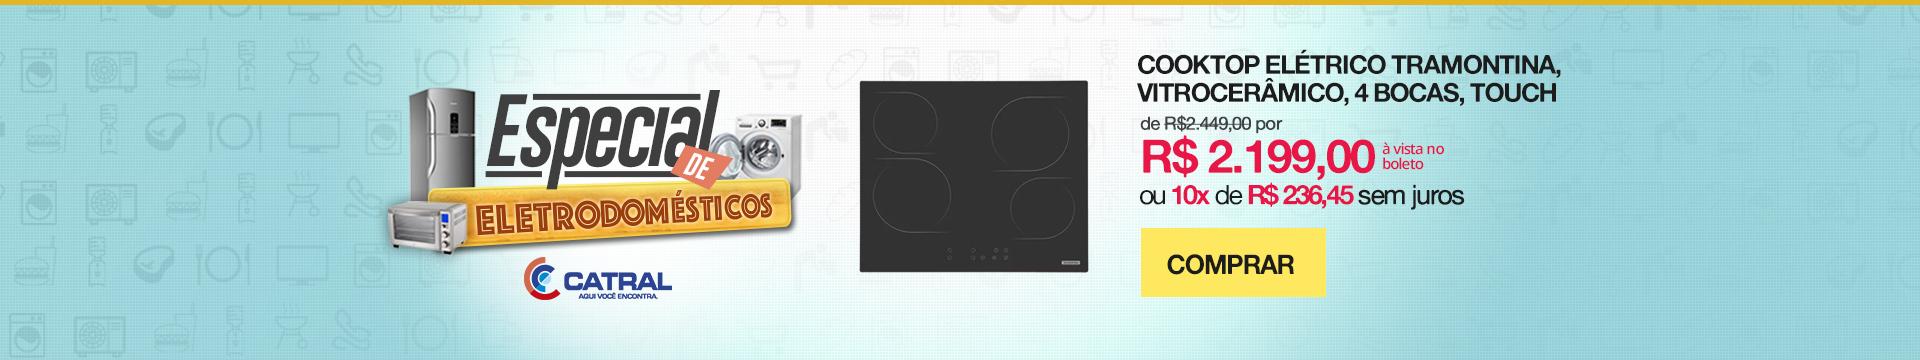 Especial Eletrodomésticos - Produto 3